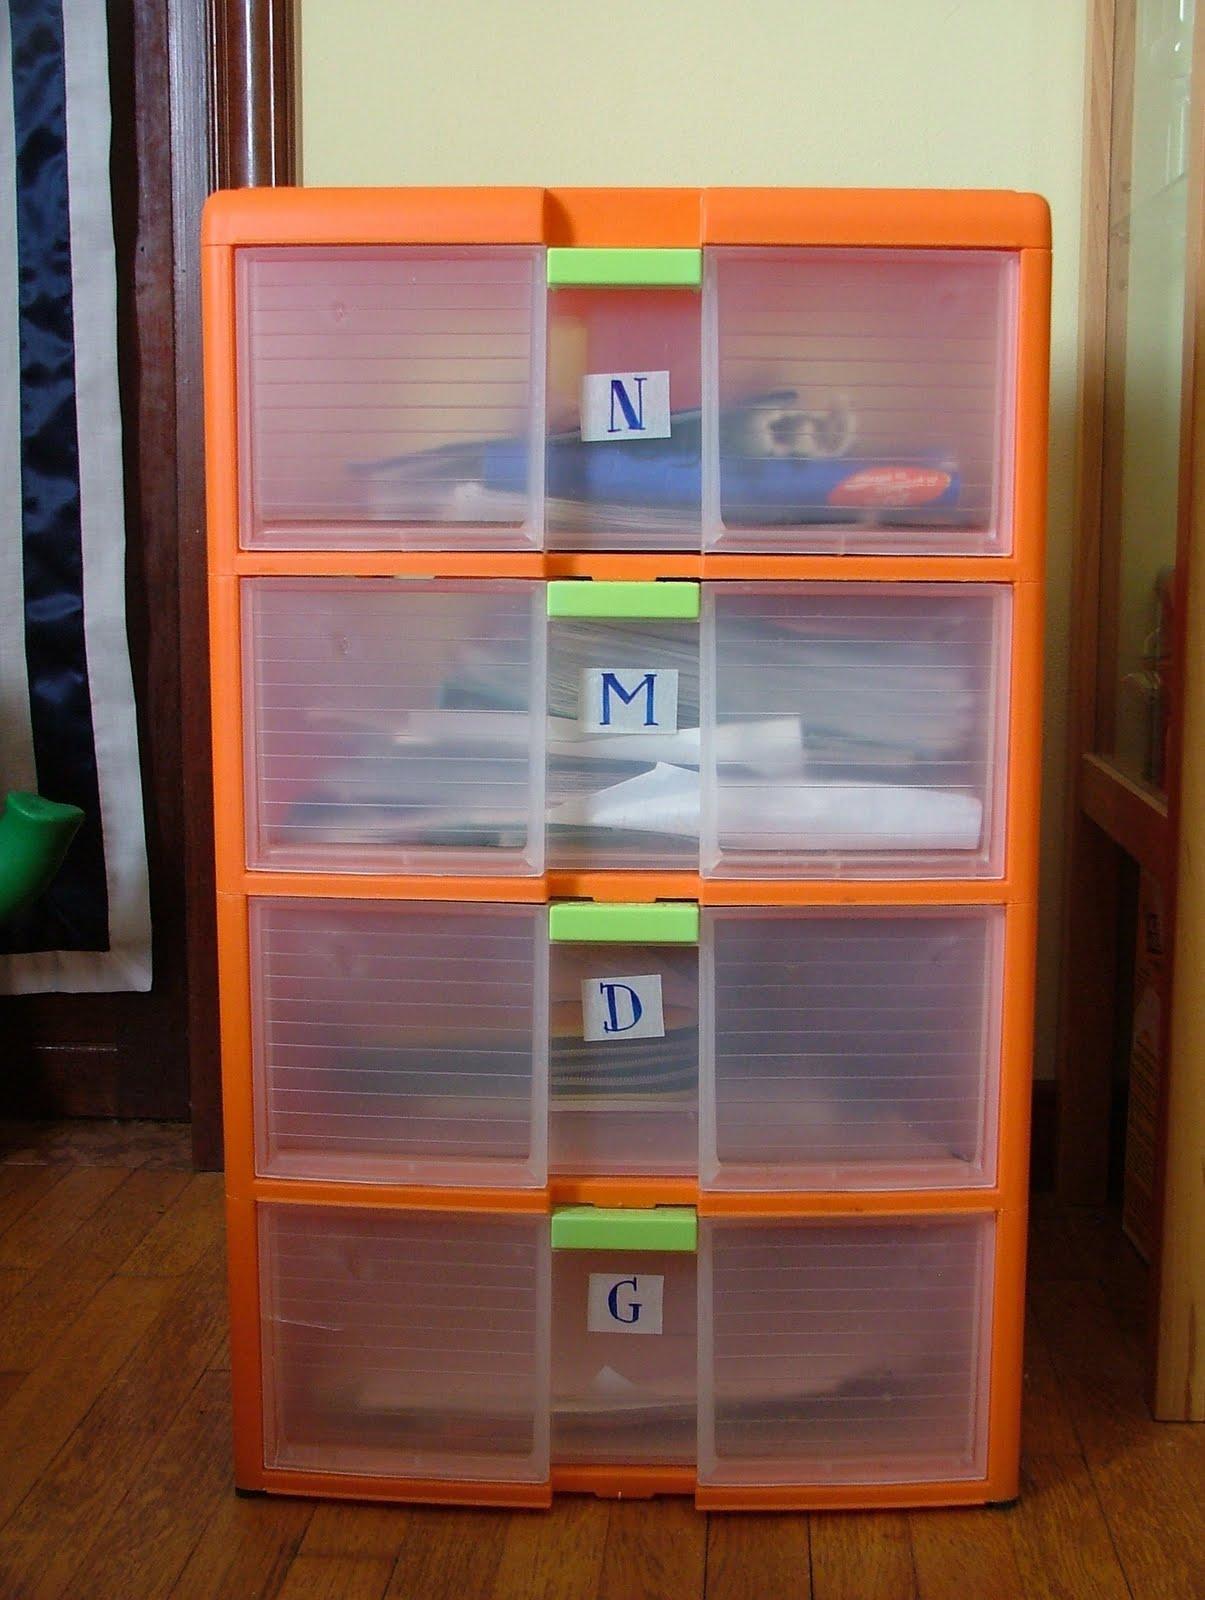 Di Mimì O: Un Cassetto Dentro Un Cassetto Dentro Un Cassetto #BA4907 1205 1600 Ikea Napoli Tavoli Da Cucina